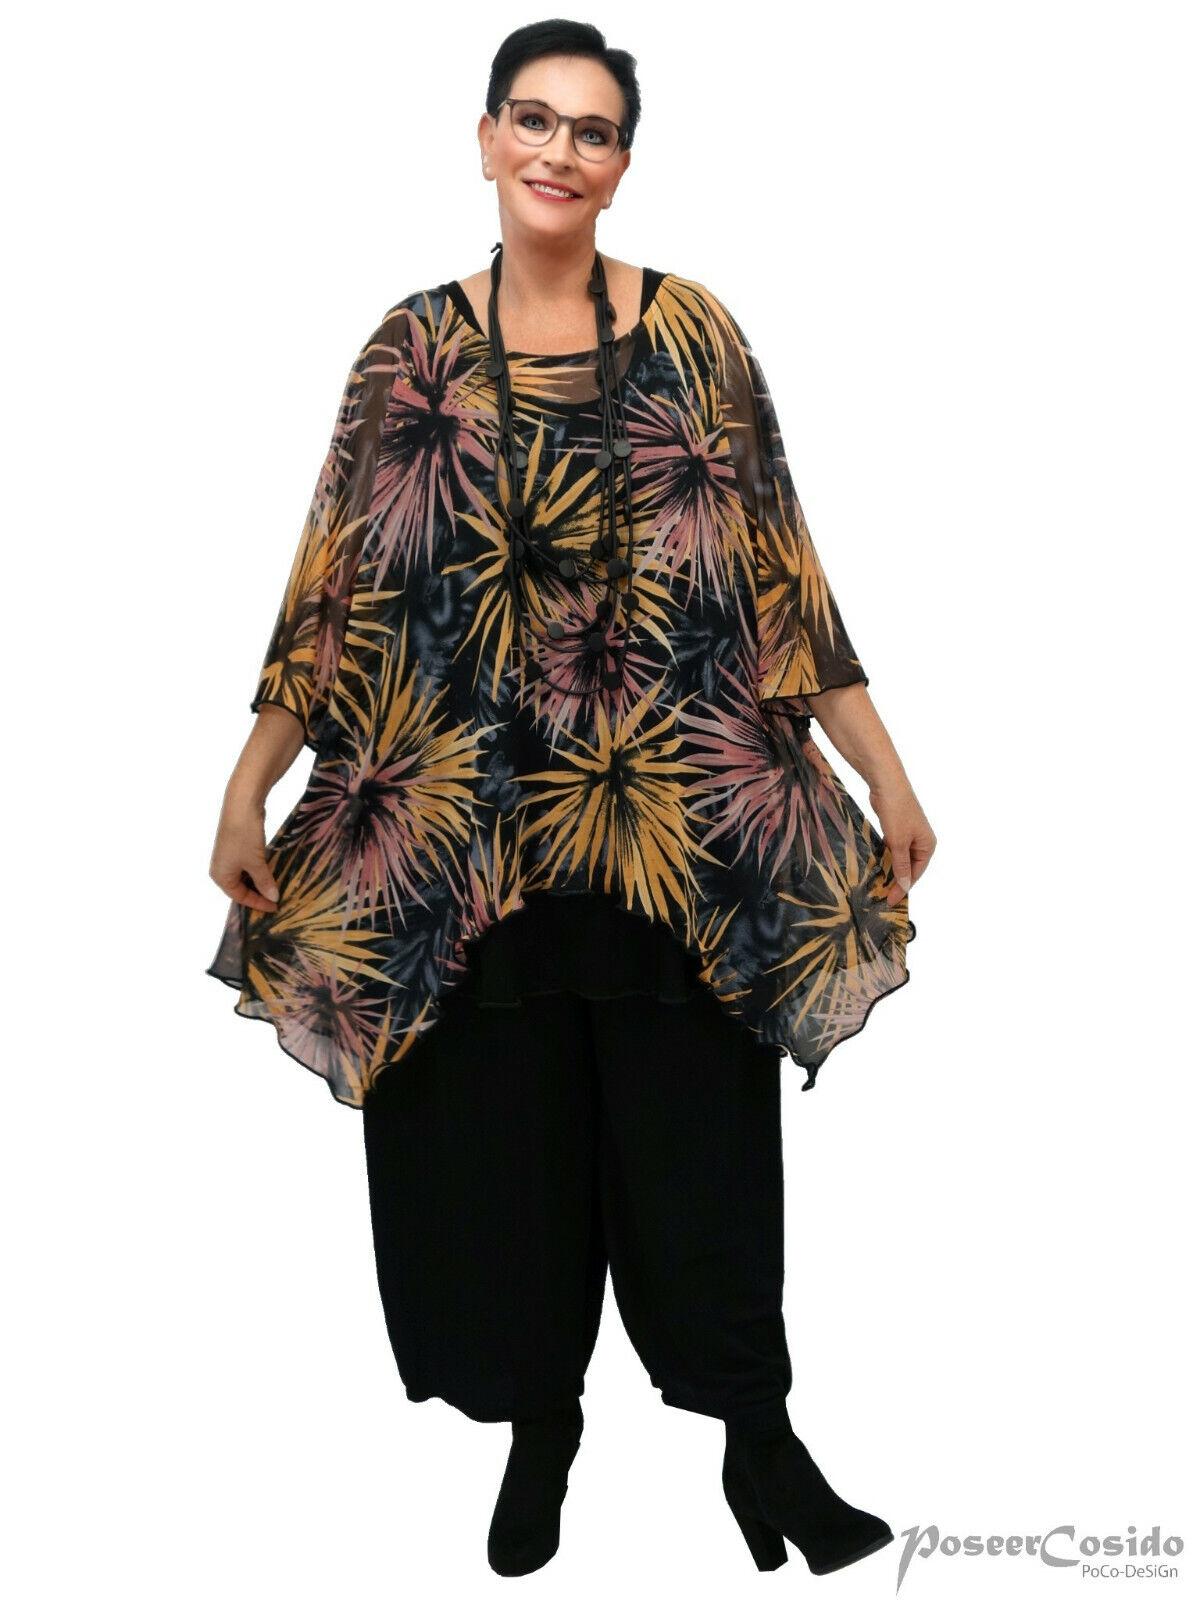 PoCo DeSiGn LAGENLOOK Netz Chenille Mesh Tunika Top-Shirt Überwurf L-XL-XXL-XXXL